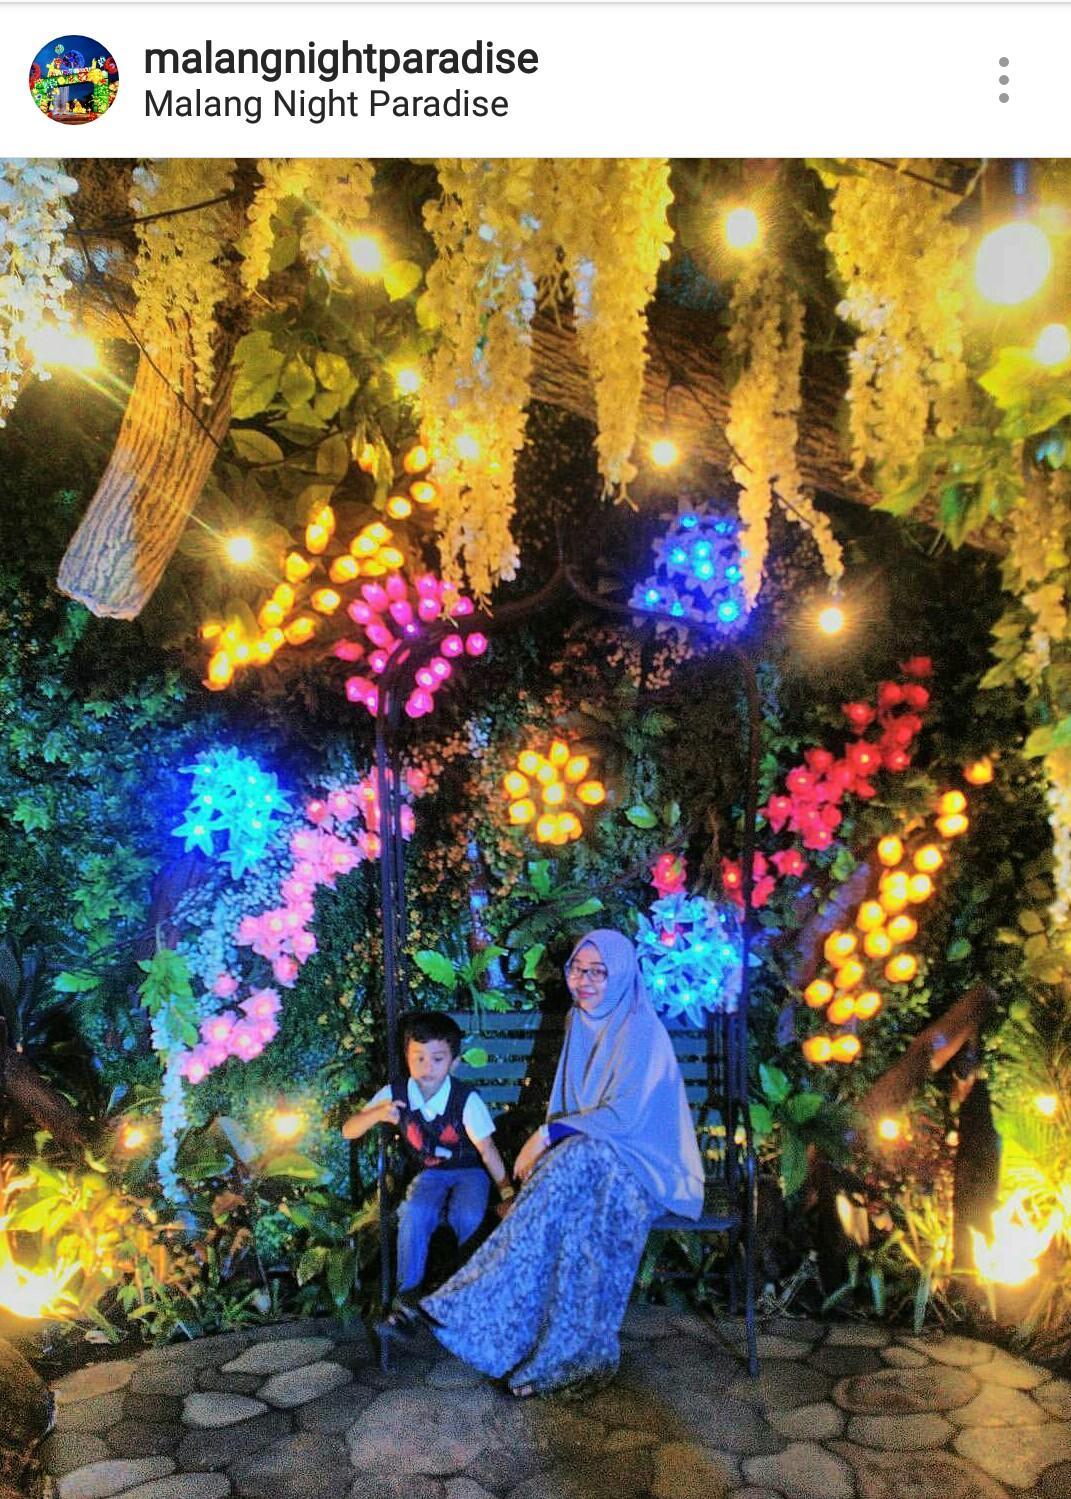 Malang Night Paradise Kids Holiday Spots Liburan Anak Informasi Event Liburan Keluarga